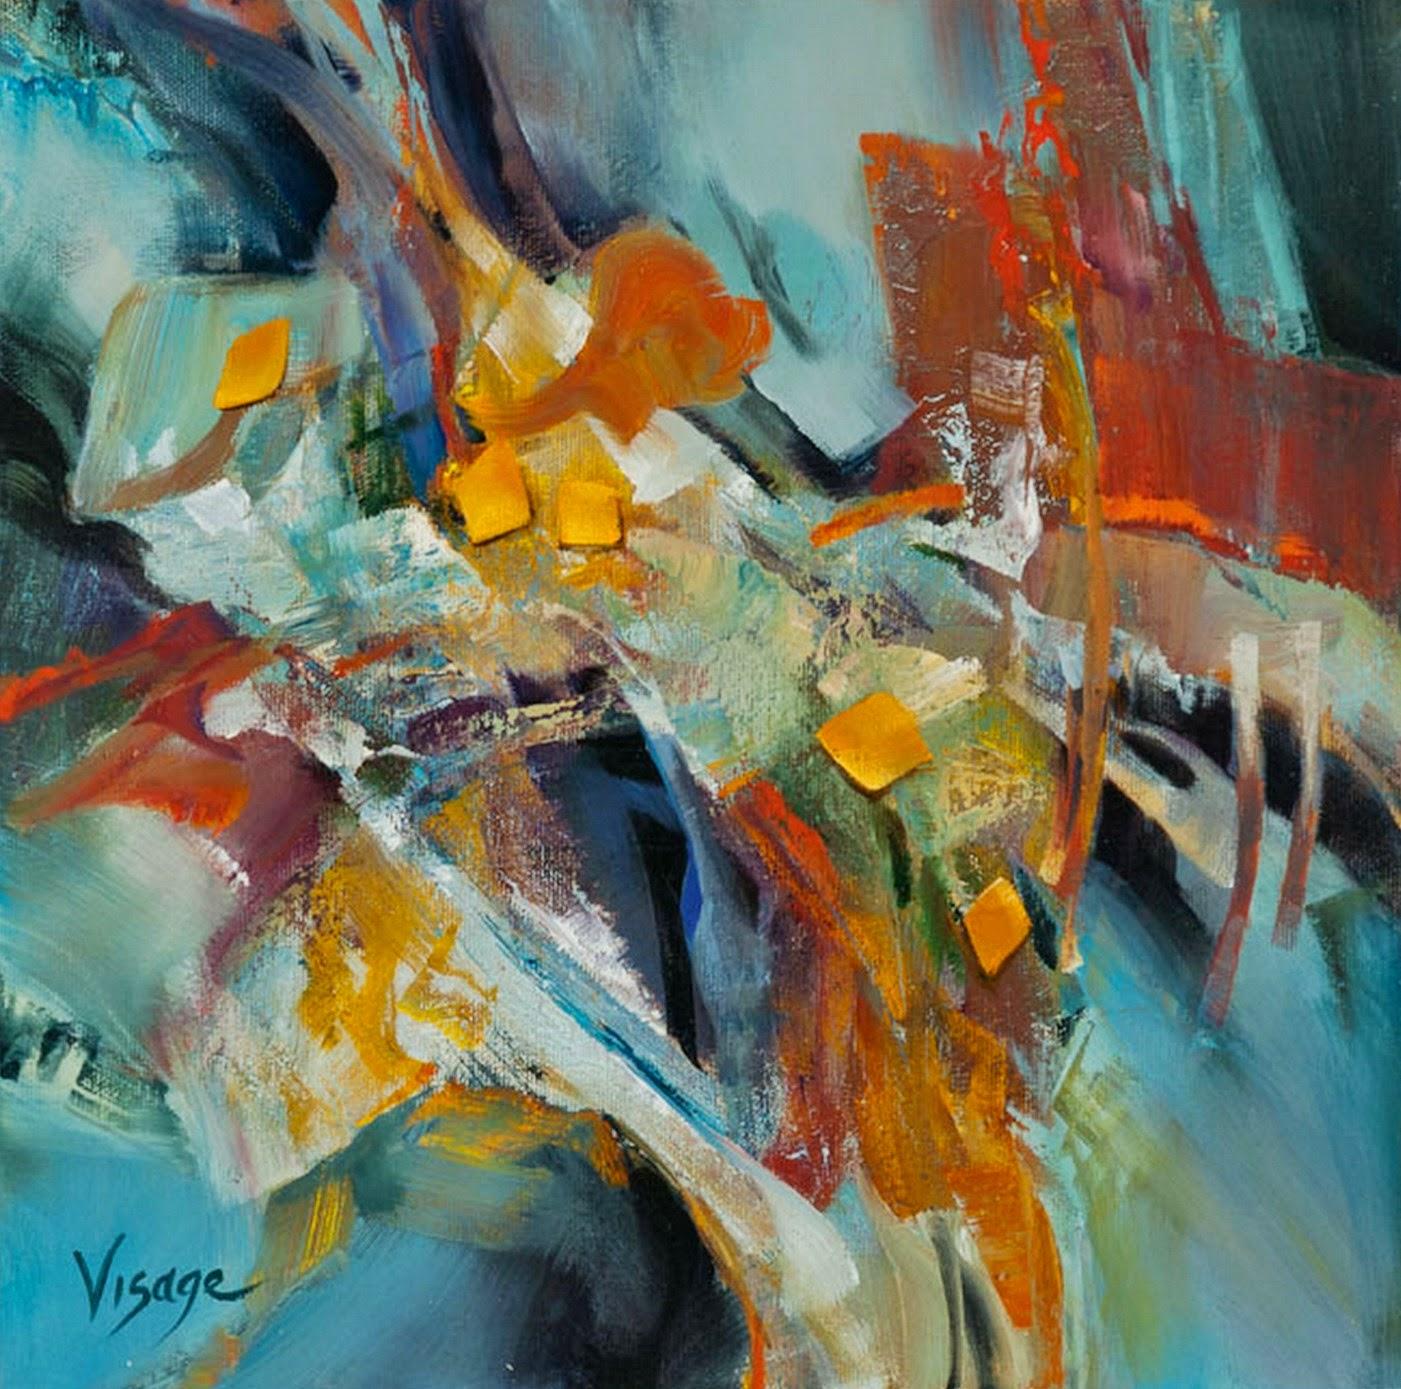 Im genes arte pinturas cuadros modernos de abstractos al for Fotos de cuadros abstractos al oleo